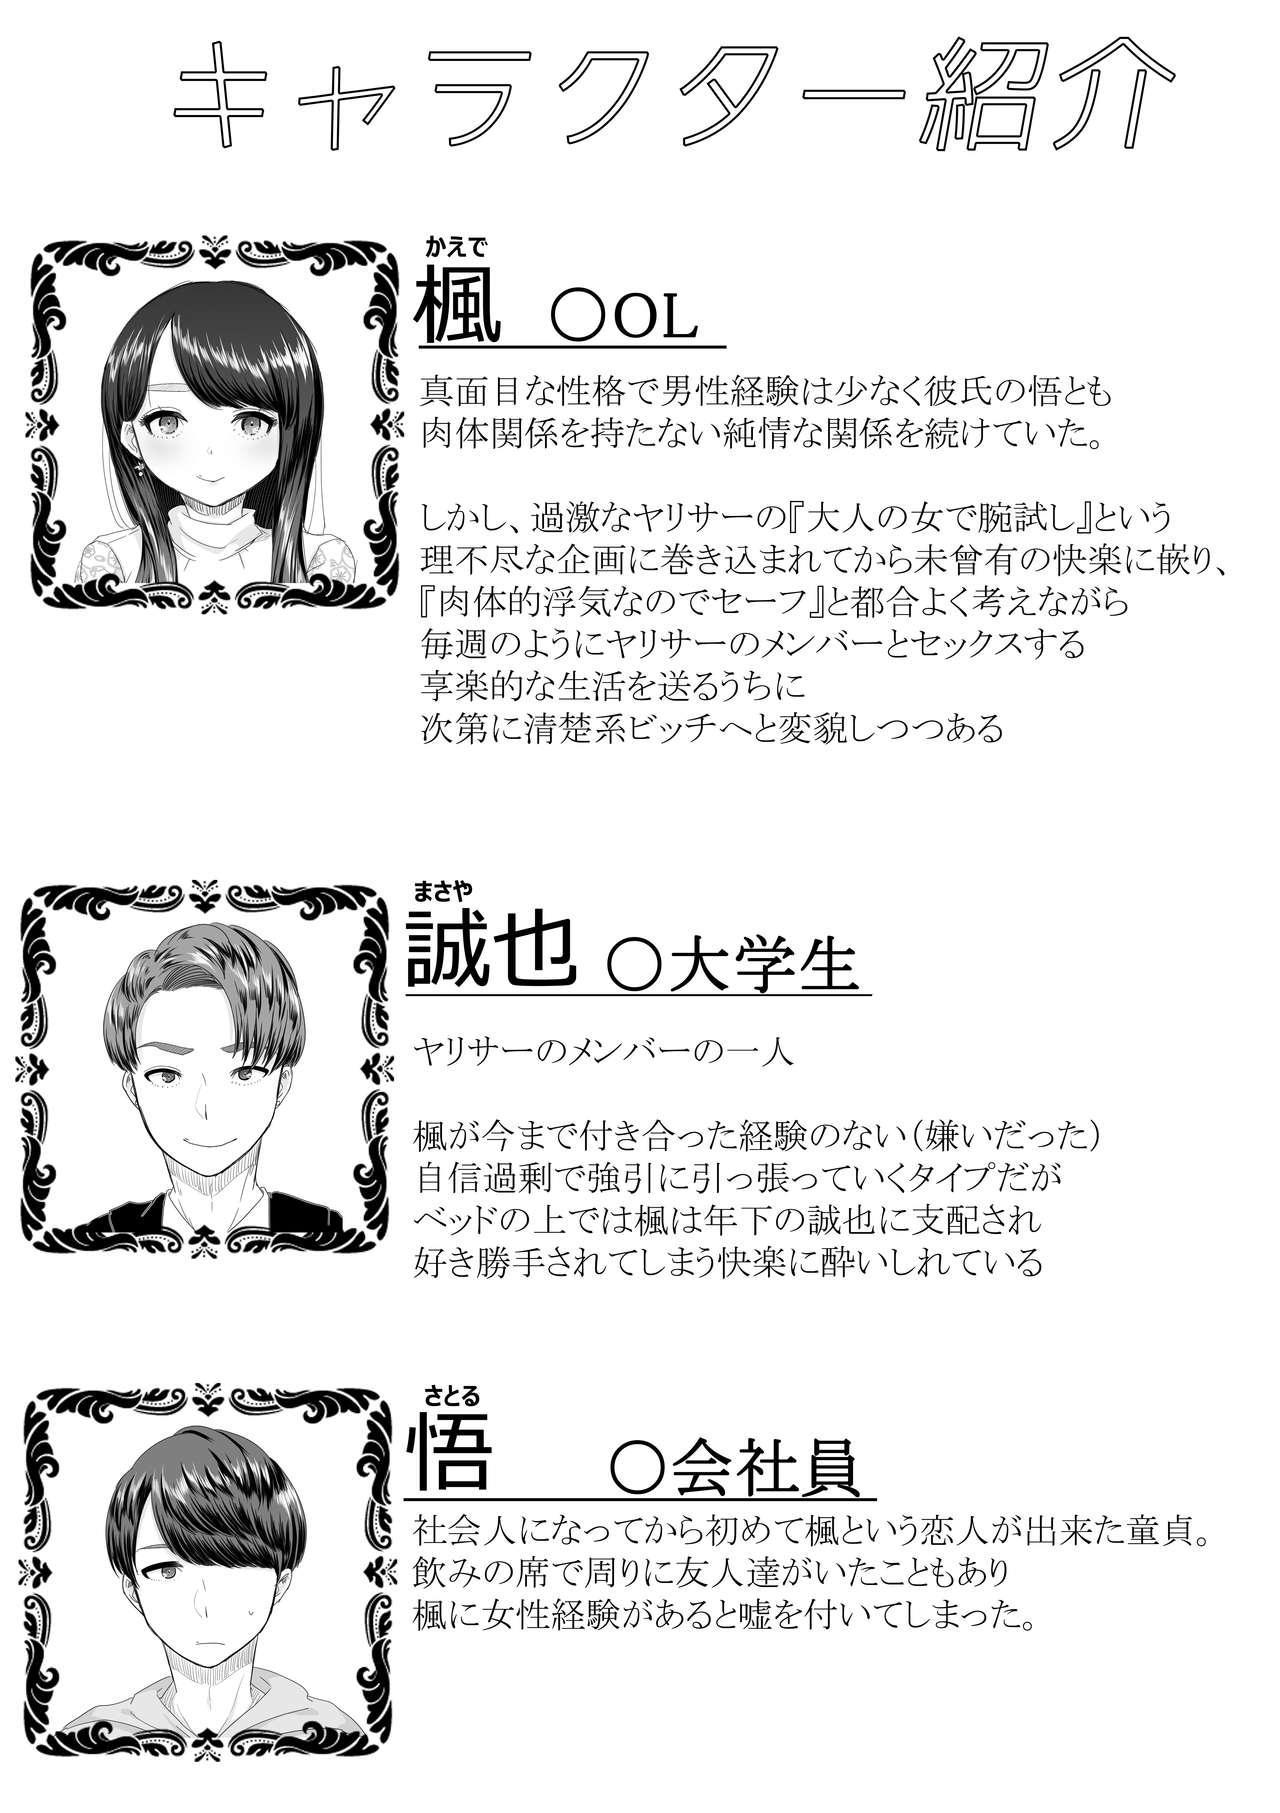 Hajimete no Netorare Maso-ka Choukyou 2